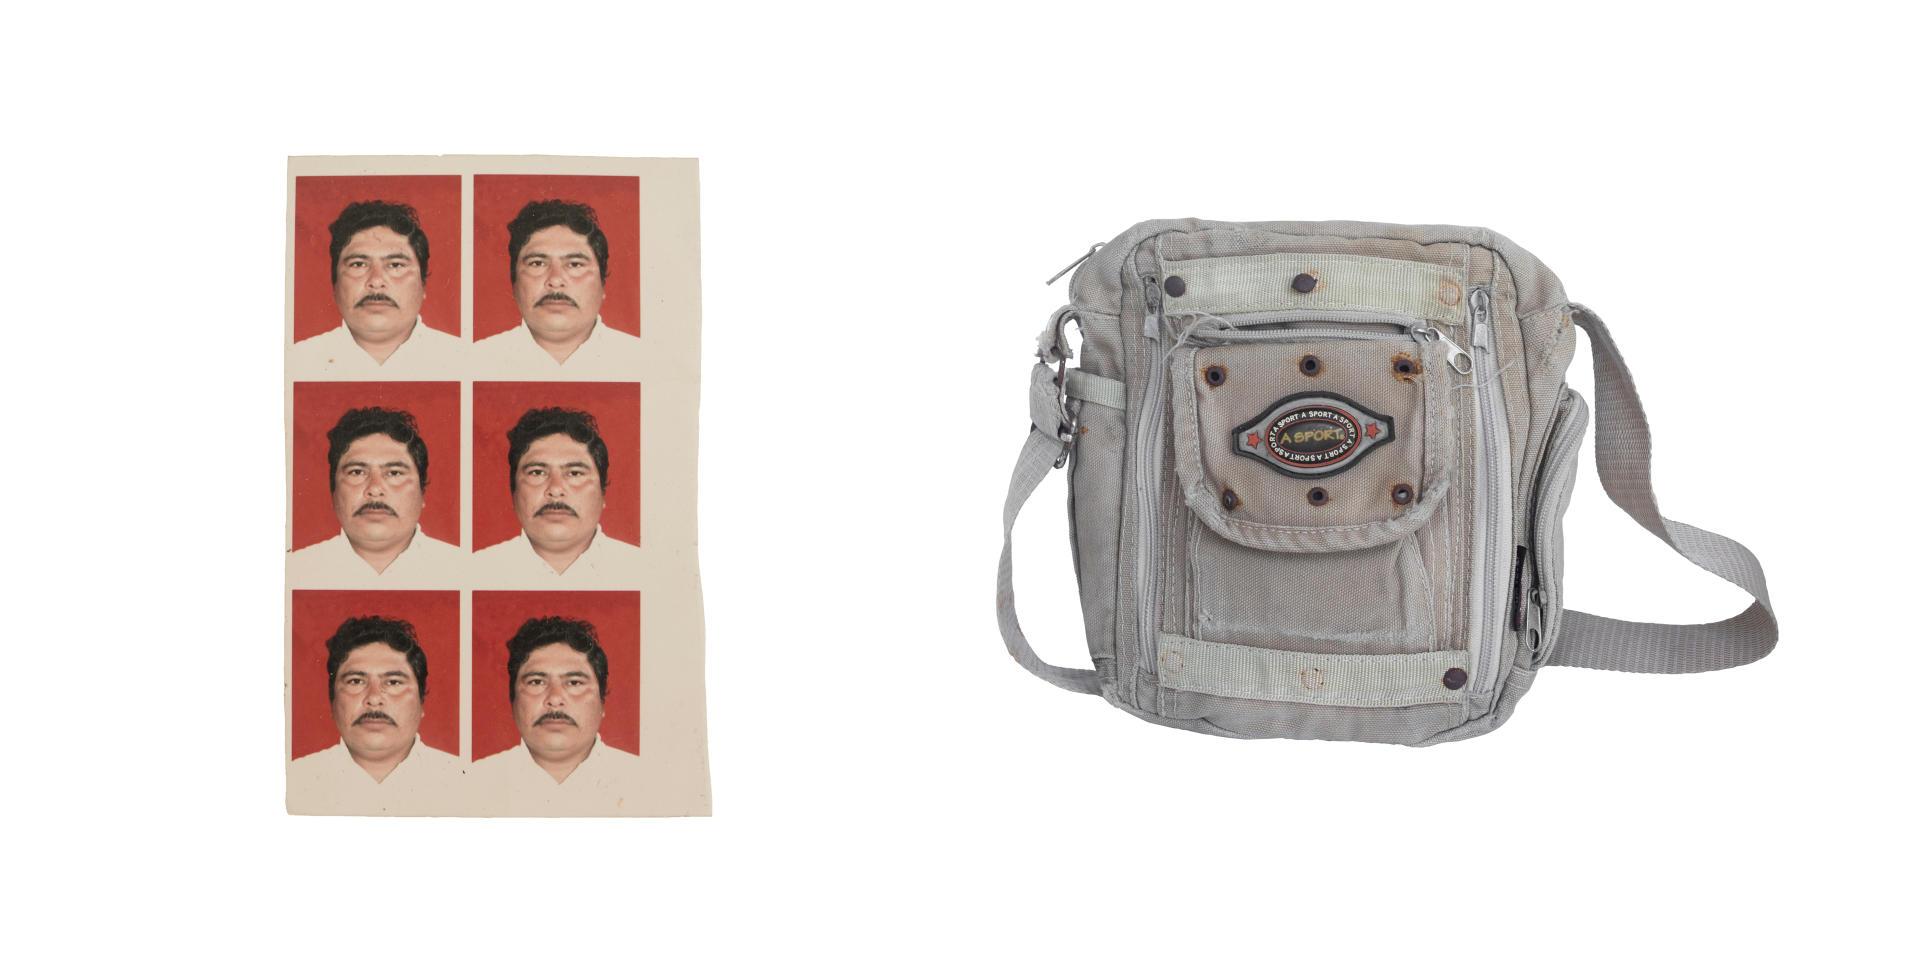 Les photos d'identité de Jimenez de la Cruz, surnommé « Goyo » et sa sacoche de travail.